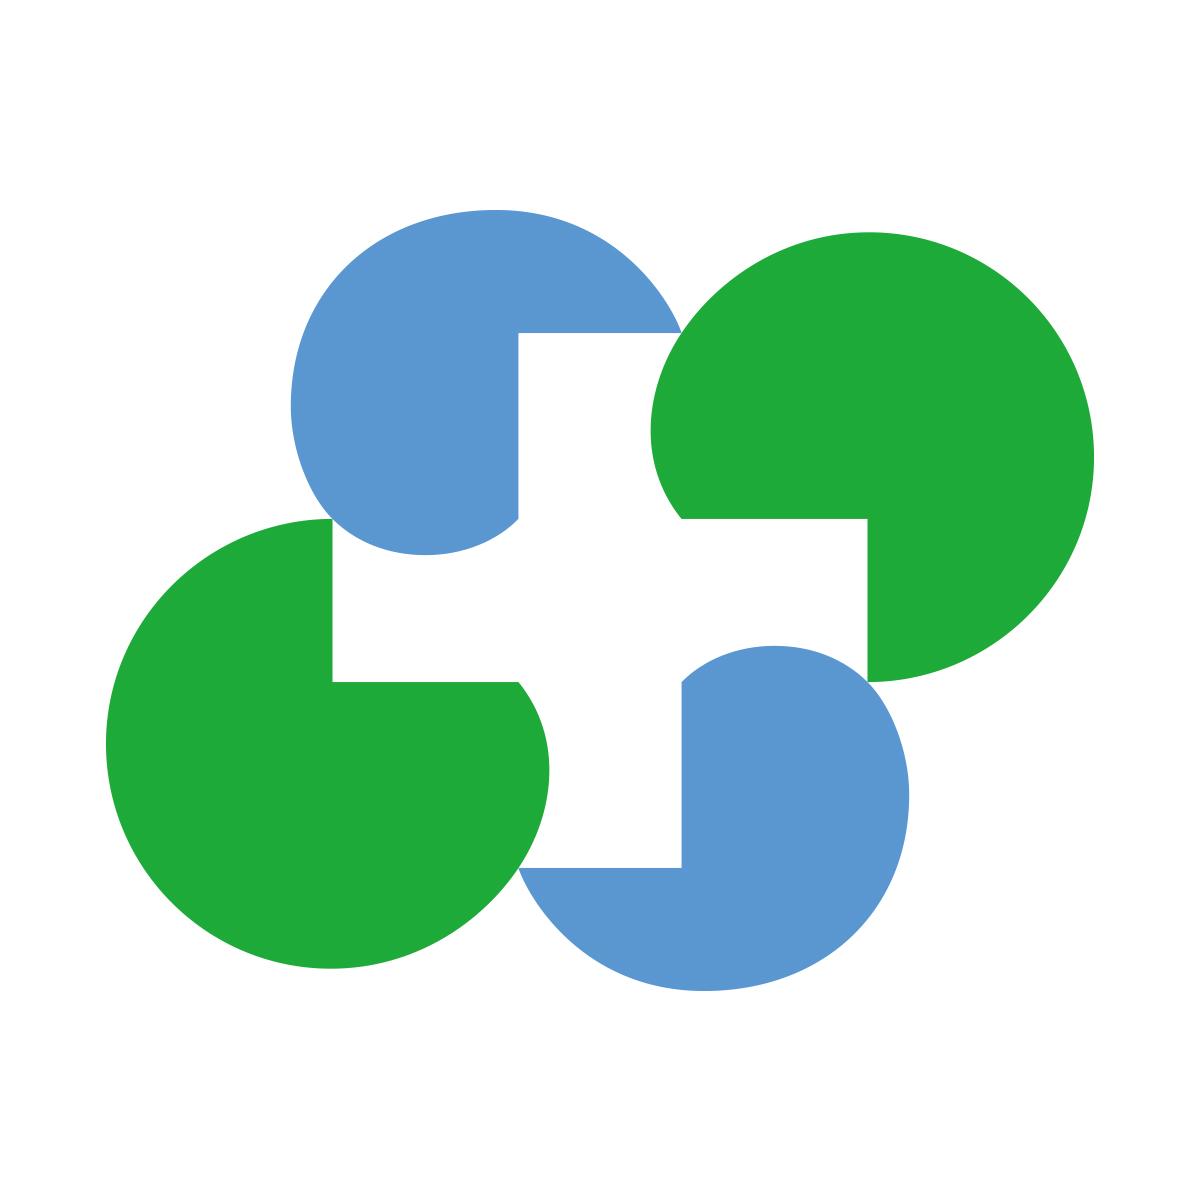 四国の医療介護周辺産業を考える会 ロゴマーク